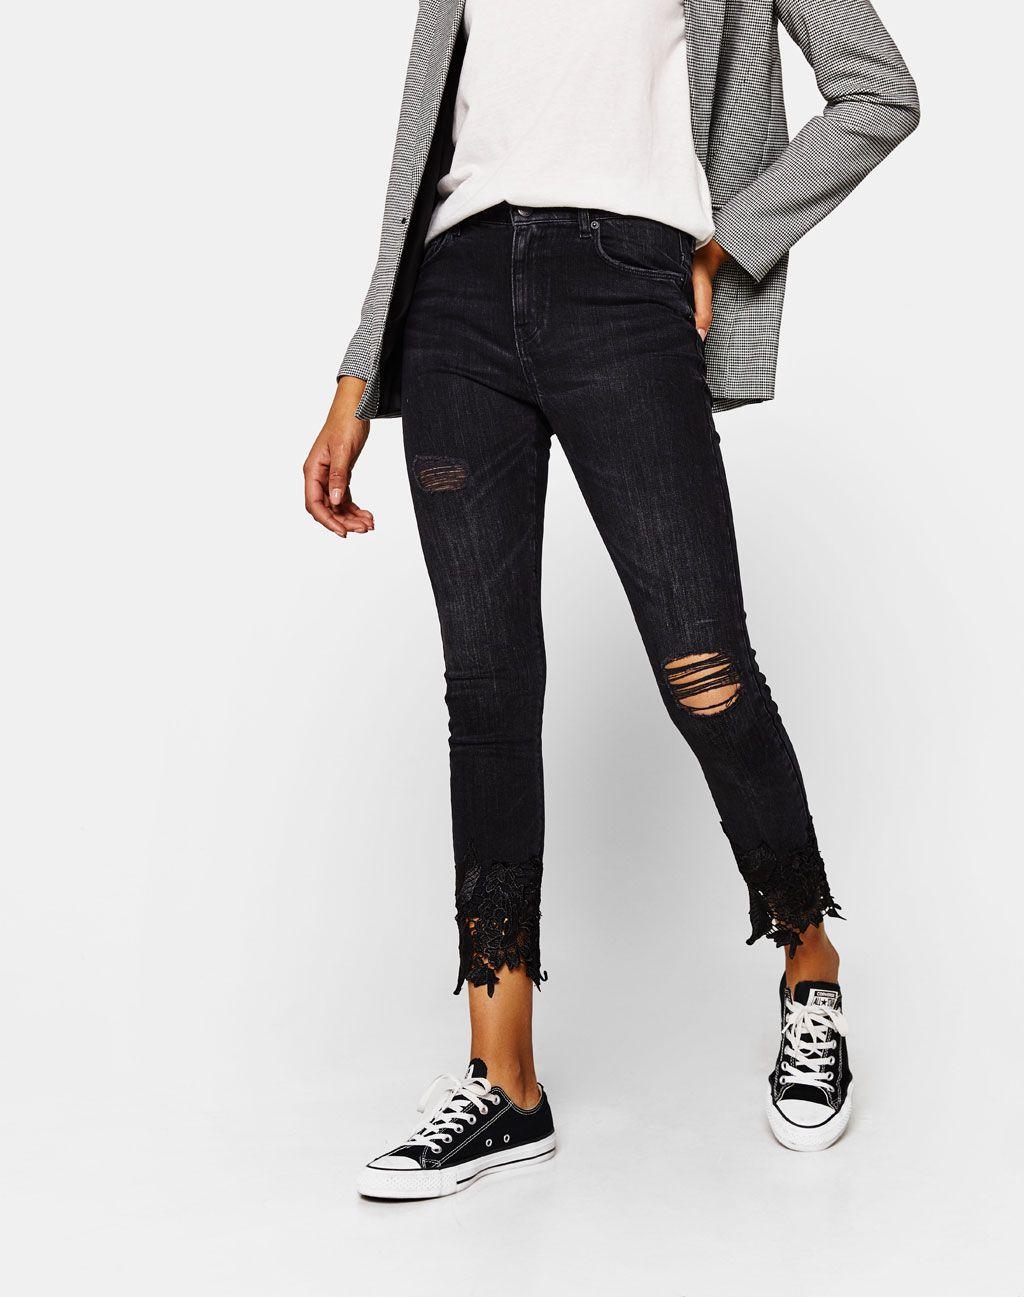 2c1e164c Jeans Slim Fit con detalle de guipur | SS19 Denim | Jeans, Jeans fit ...